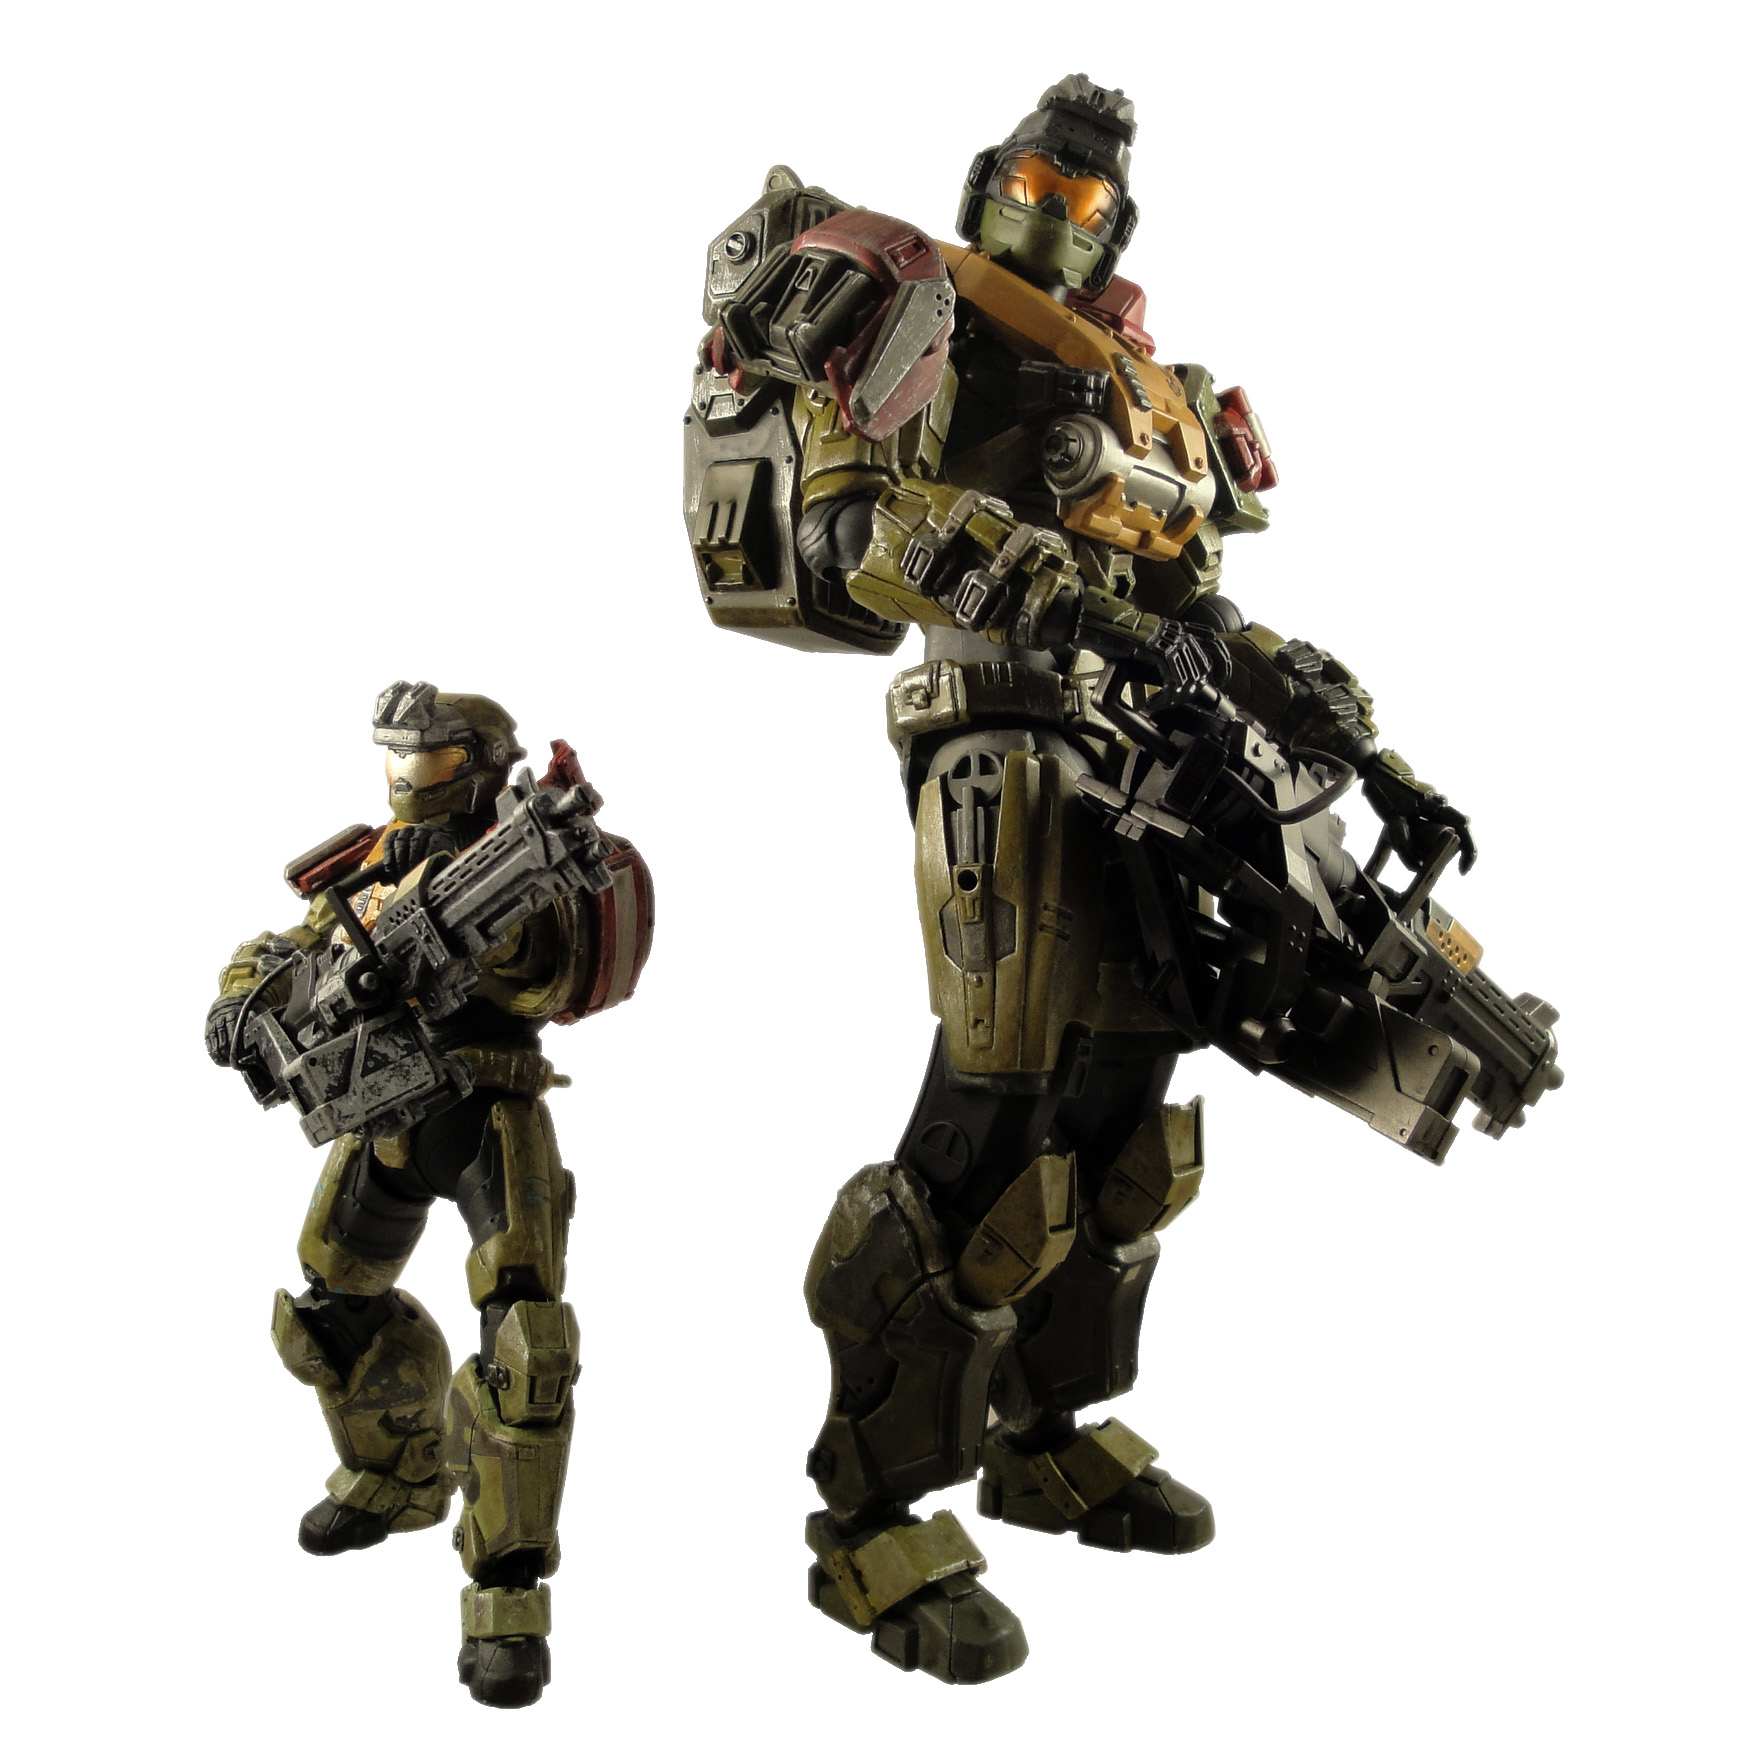 jorge halo reach armor - HD1750×1750